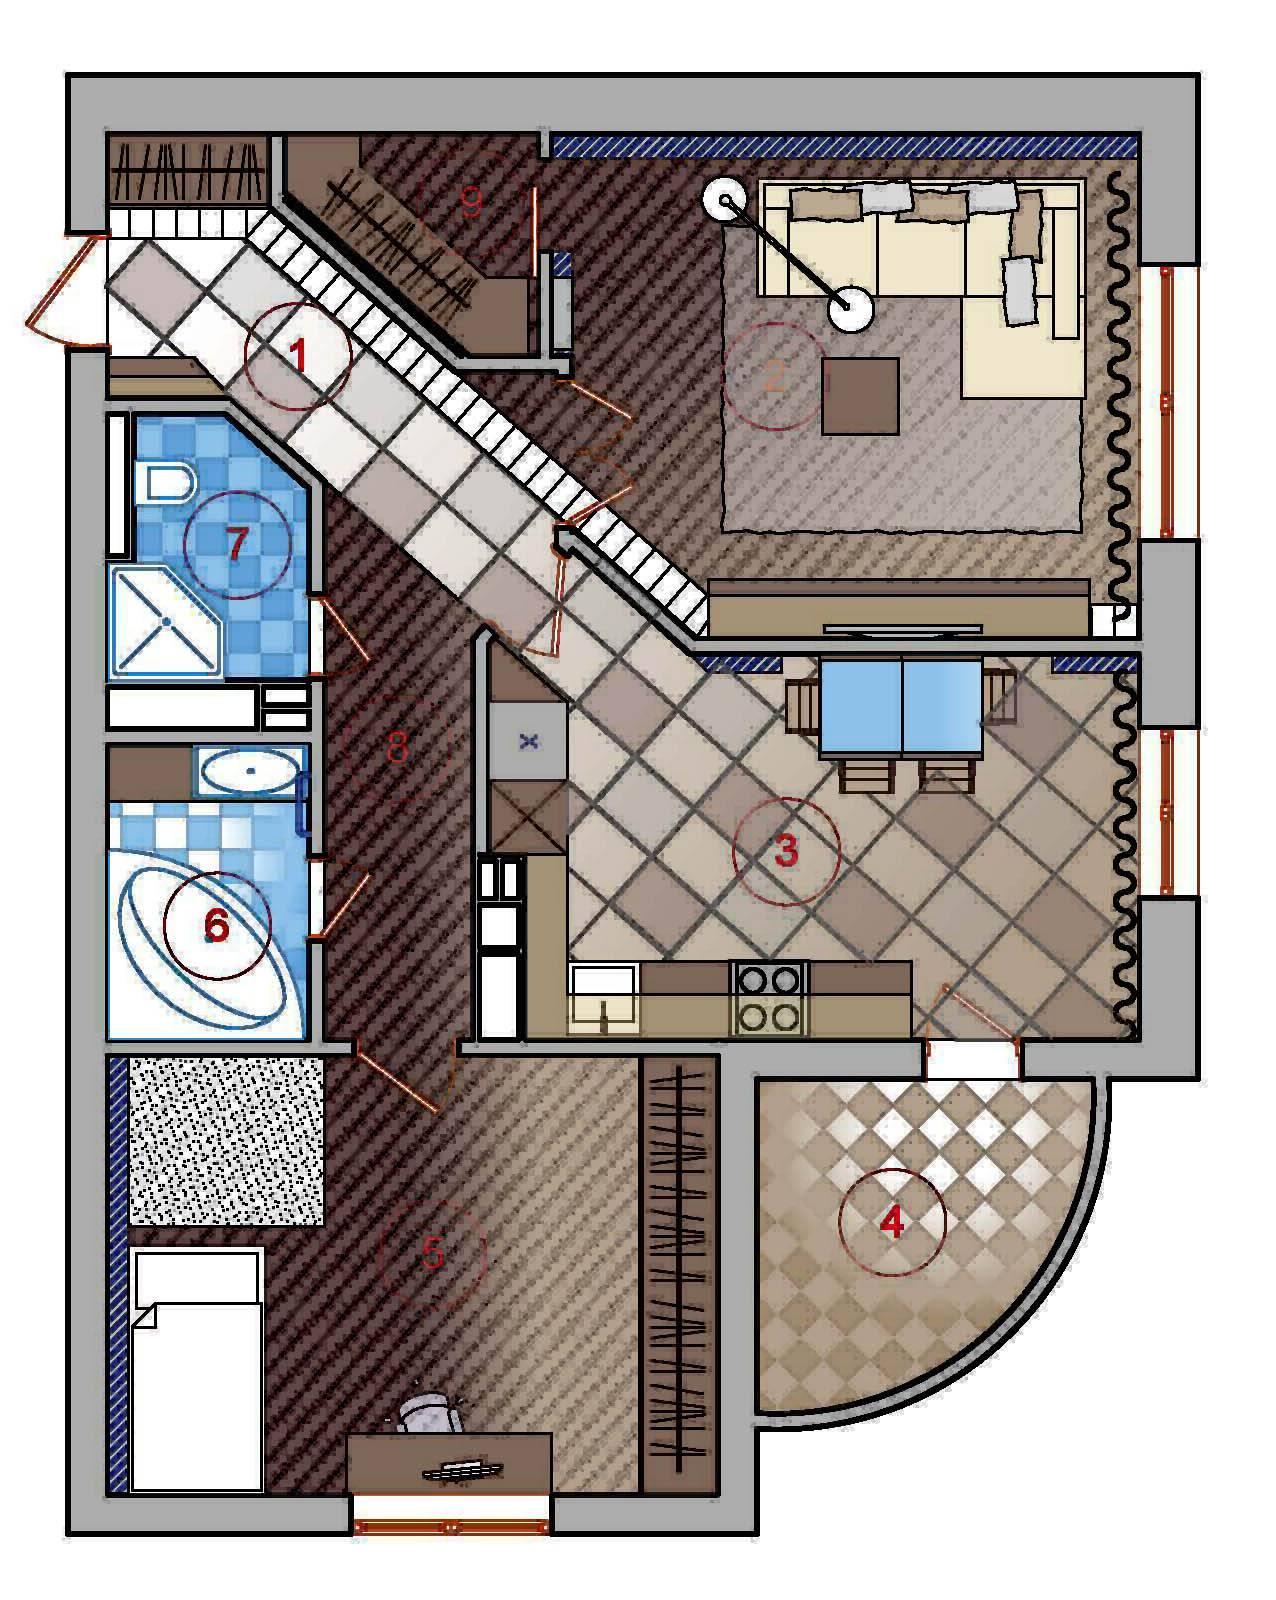 Перепланировка квартиры (124 фото): проект двухкомнатной квартиры, установка блоков для перегородок в комнате, что можно и что нельзя